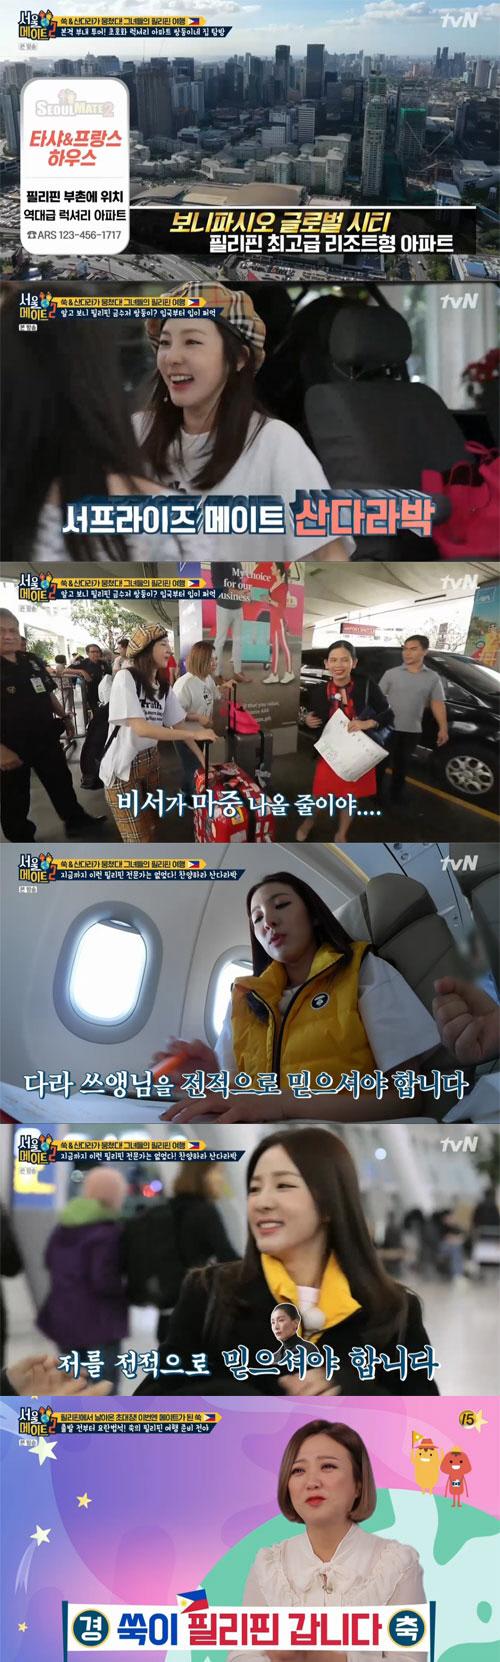 '서울메이트2' 김숙X산다라박, 초럭셔리 쌍둥이 하우스에 '경악' [종합]